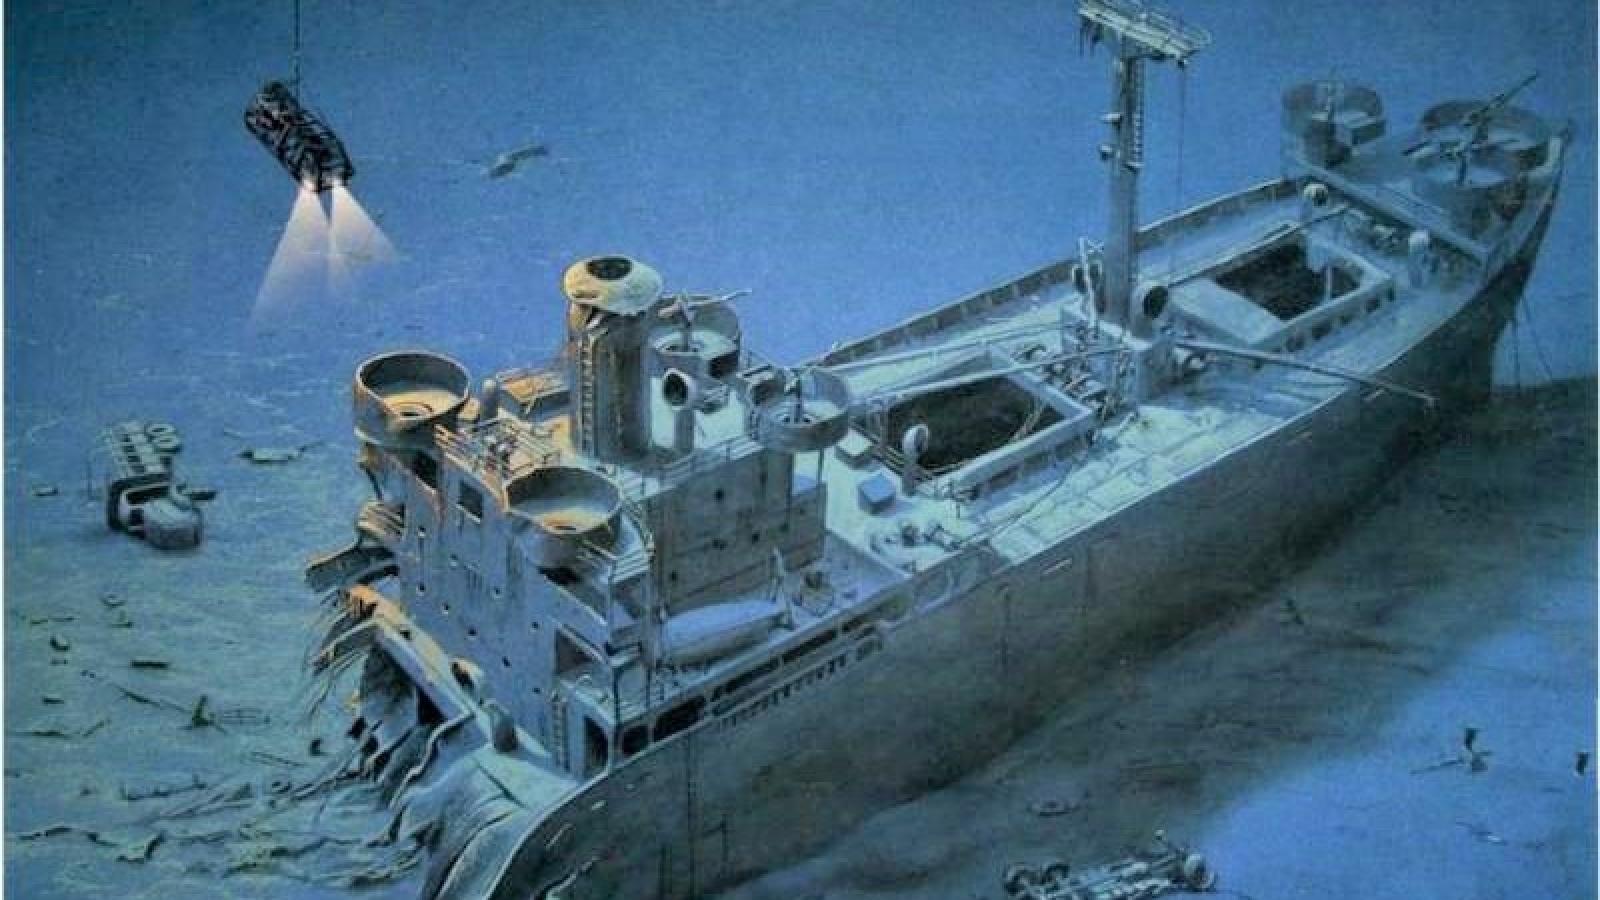 Giải mật hai chiến dịch ít được biết đến của Thế chiến II